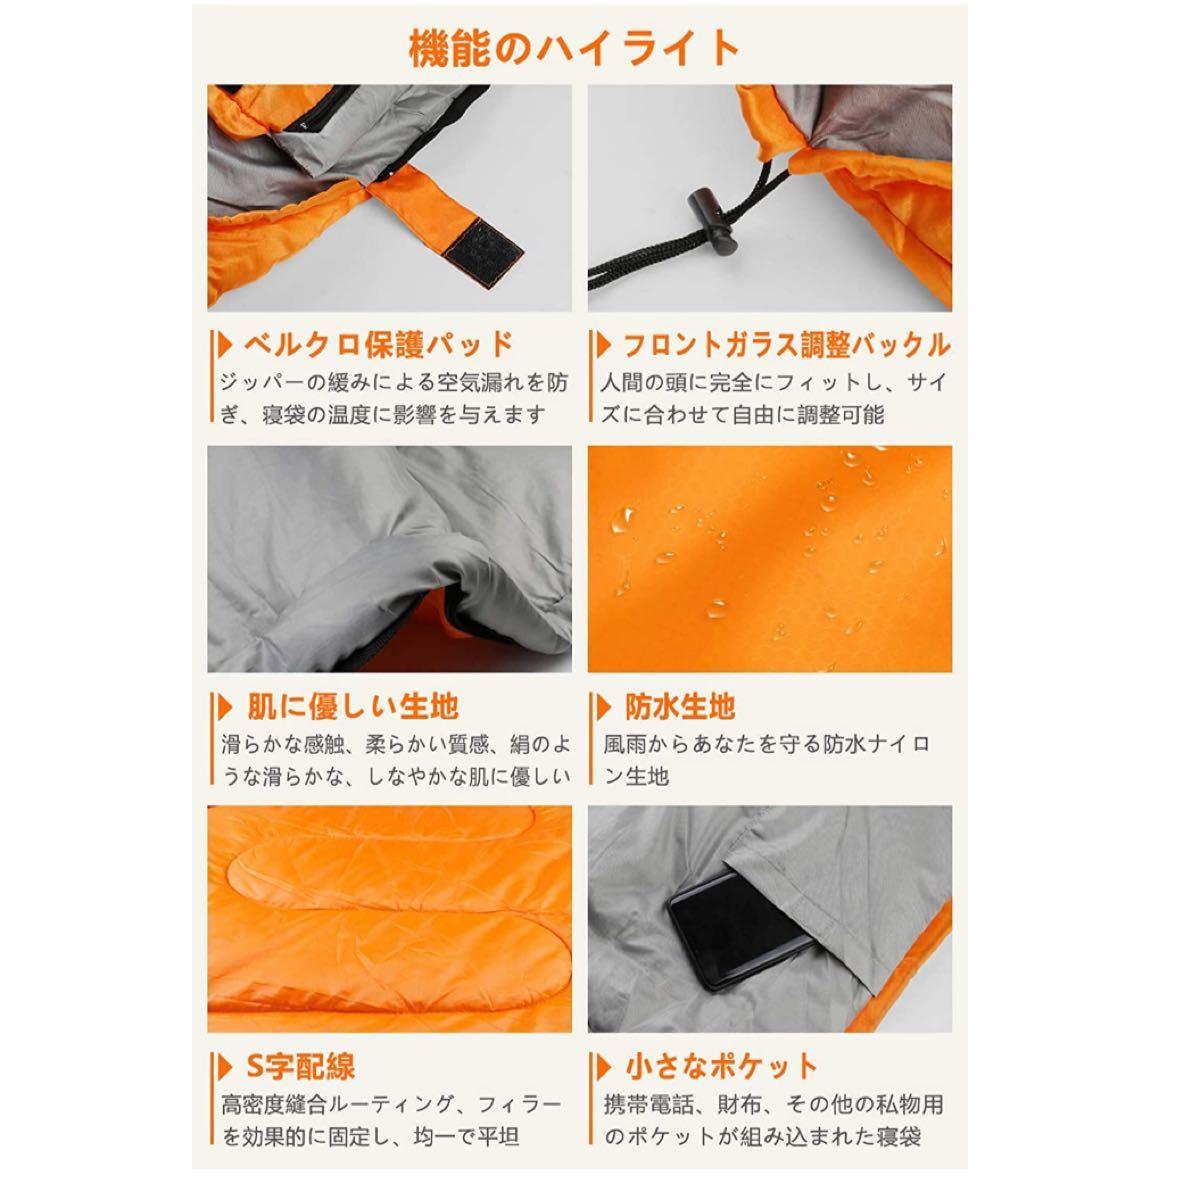 寝袋シュラフ 軽量 封筒型シュラフ シュラフ 寝袋